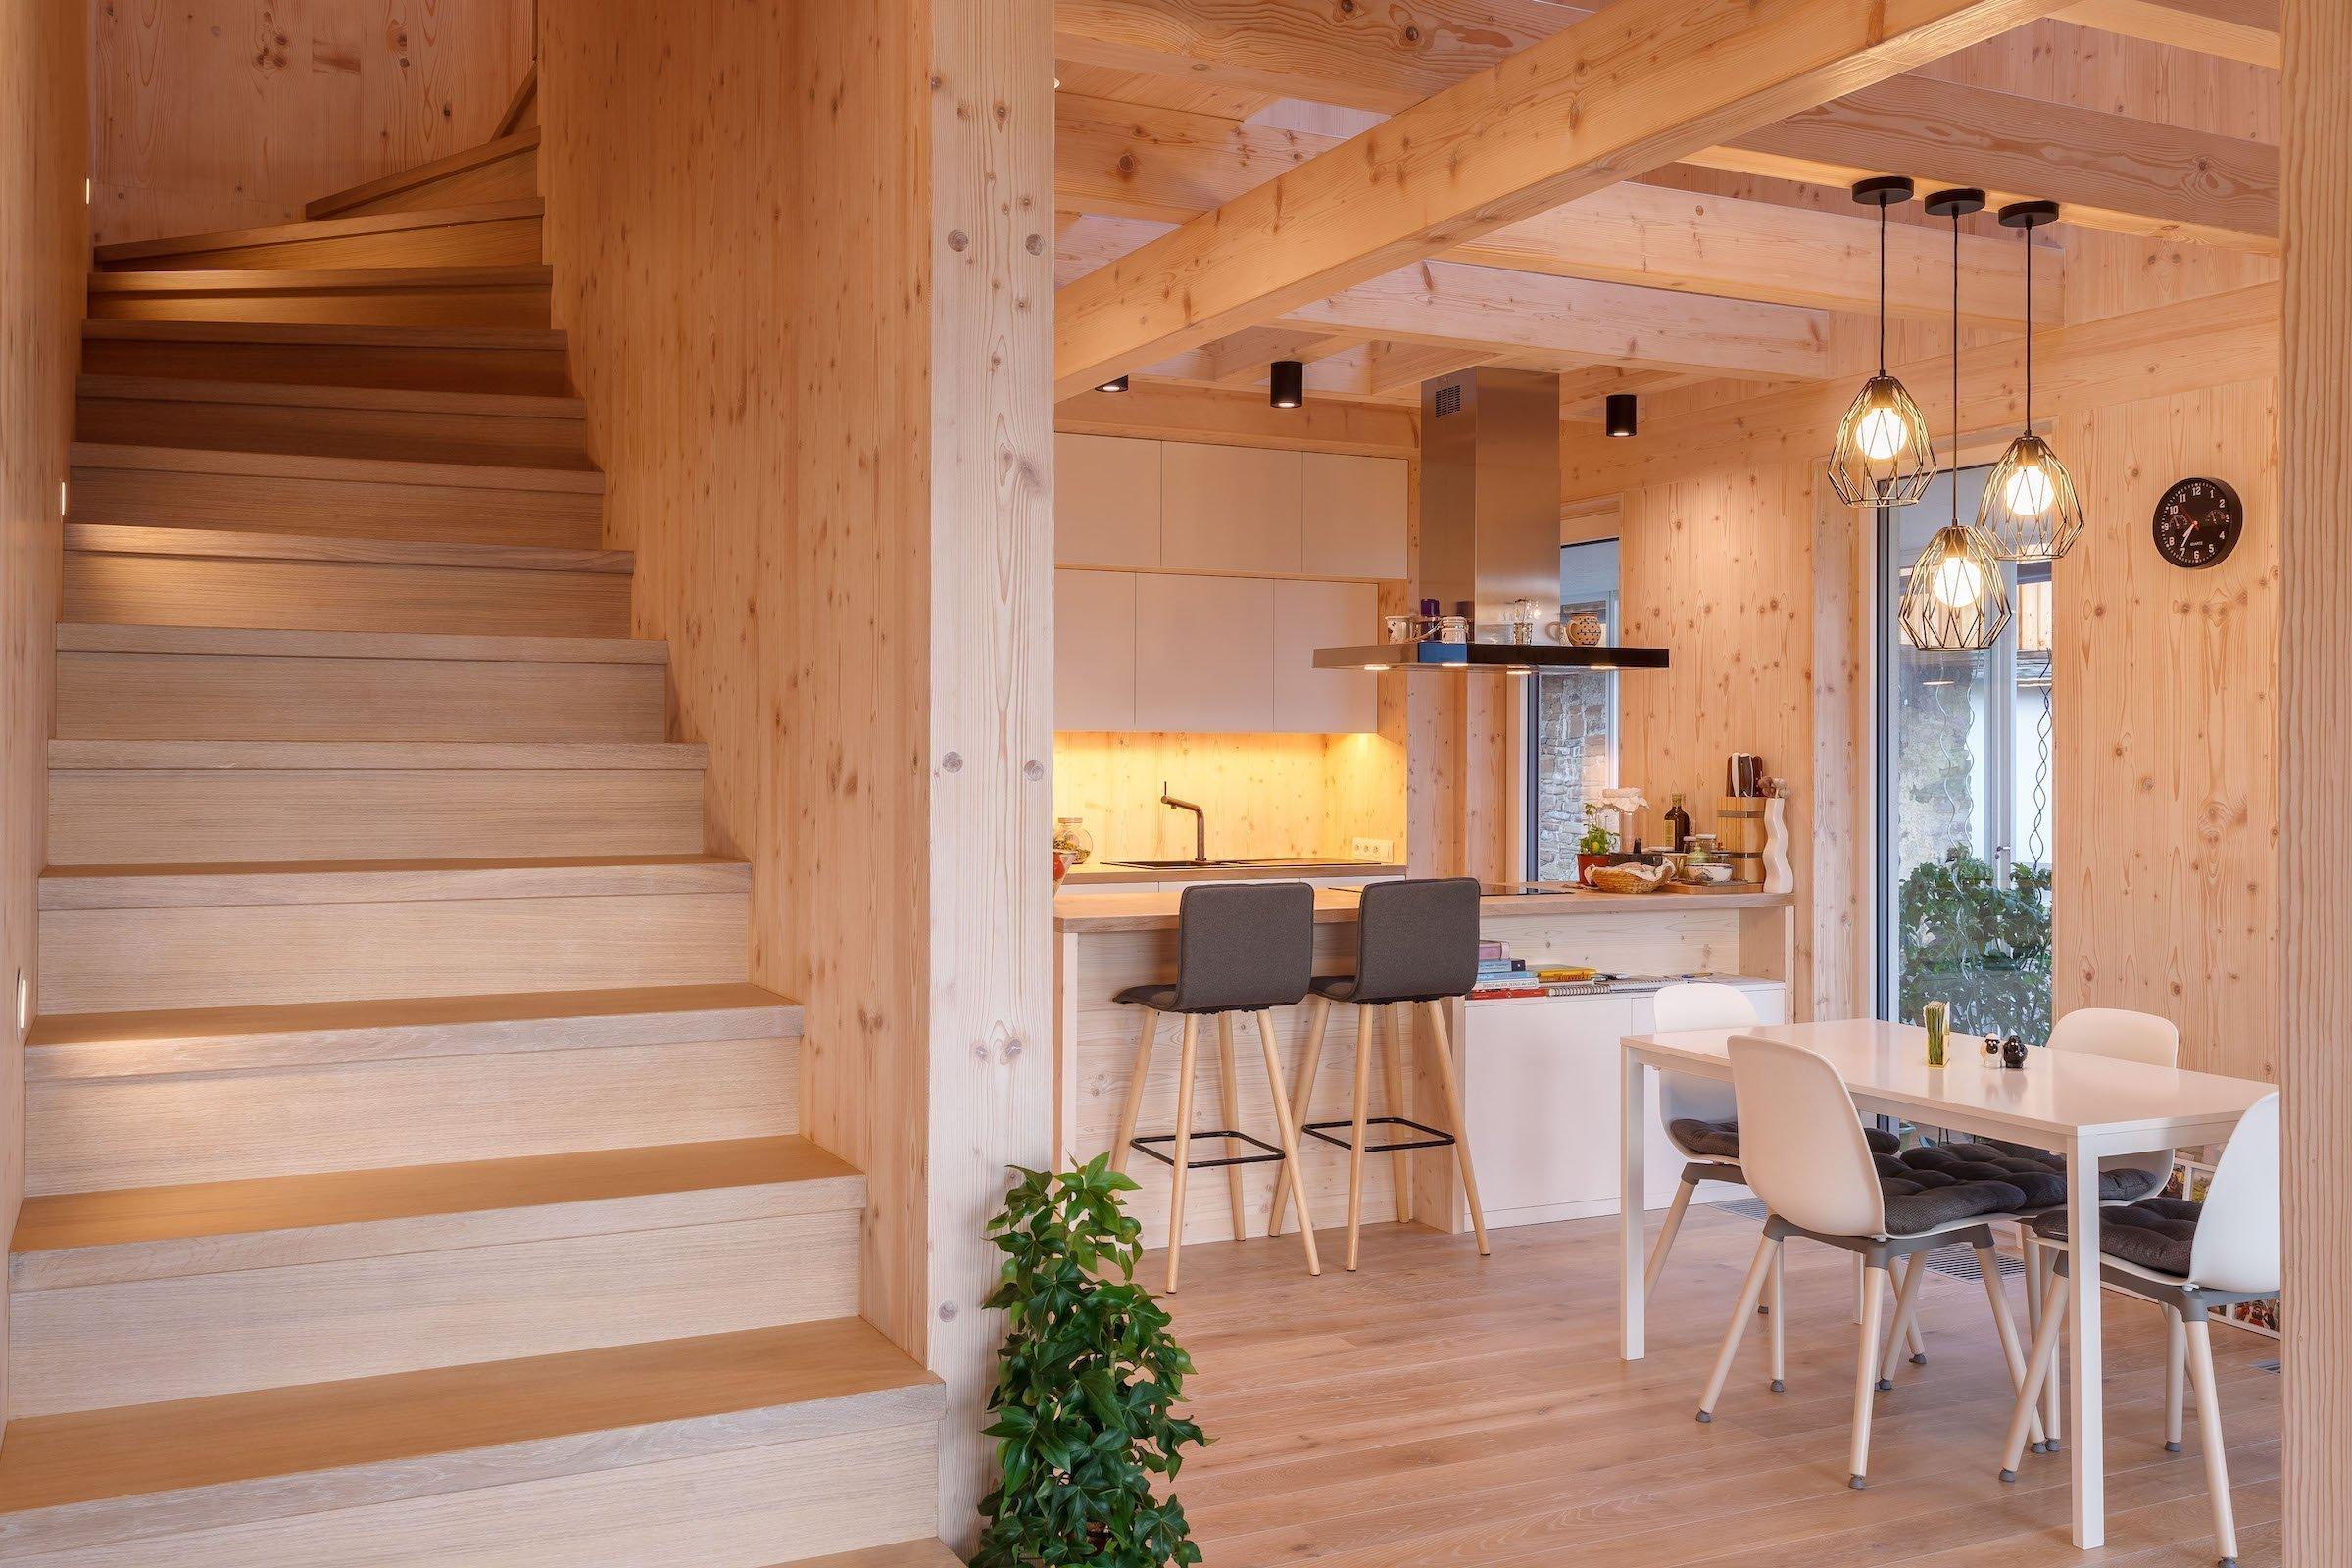 """Jak dosáhnout, aby byl nový dům opravdovým domovem rodiny stavebníka a současně harmonicky rozšířil """"rodinu"""" stávajících staveb v okolí? Odpovědí je individuální projekt a jako profesionální, tak i citlivý přístup architekta k návrhu novostavby - obzvláště tehdy, má-li stát v lokalitě s tradiční venkovskou zástavbou?"""